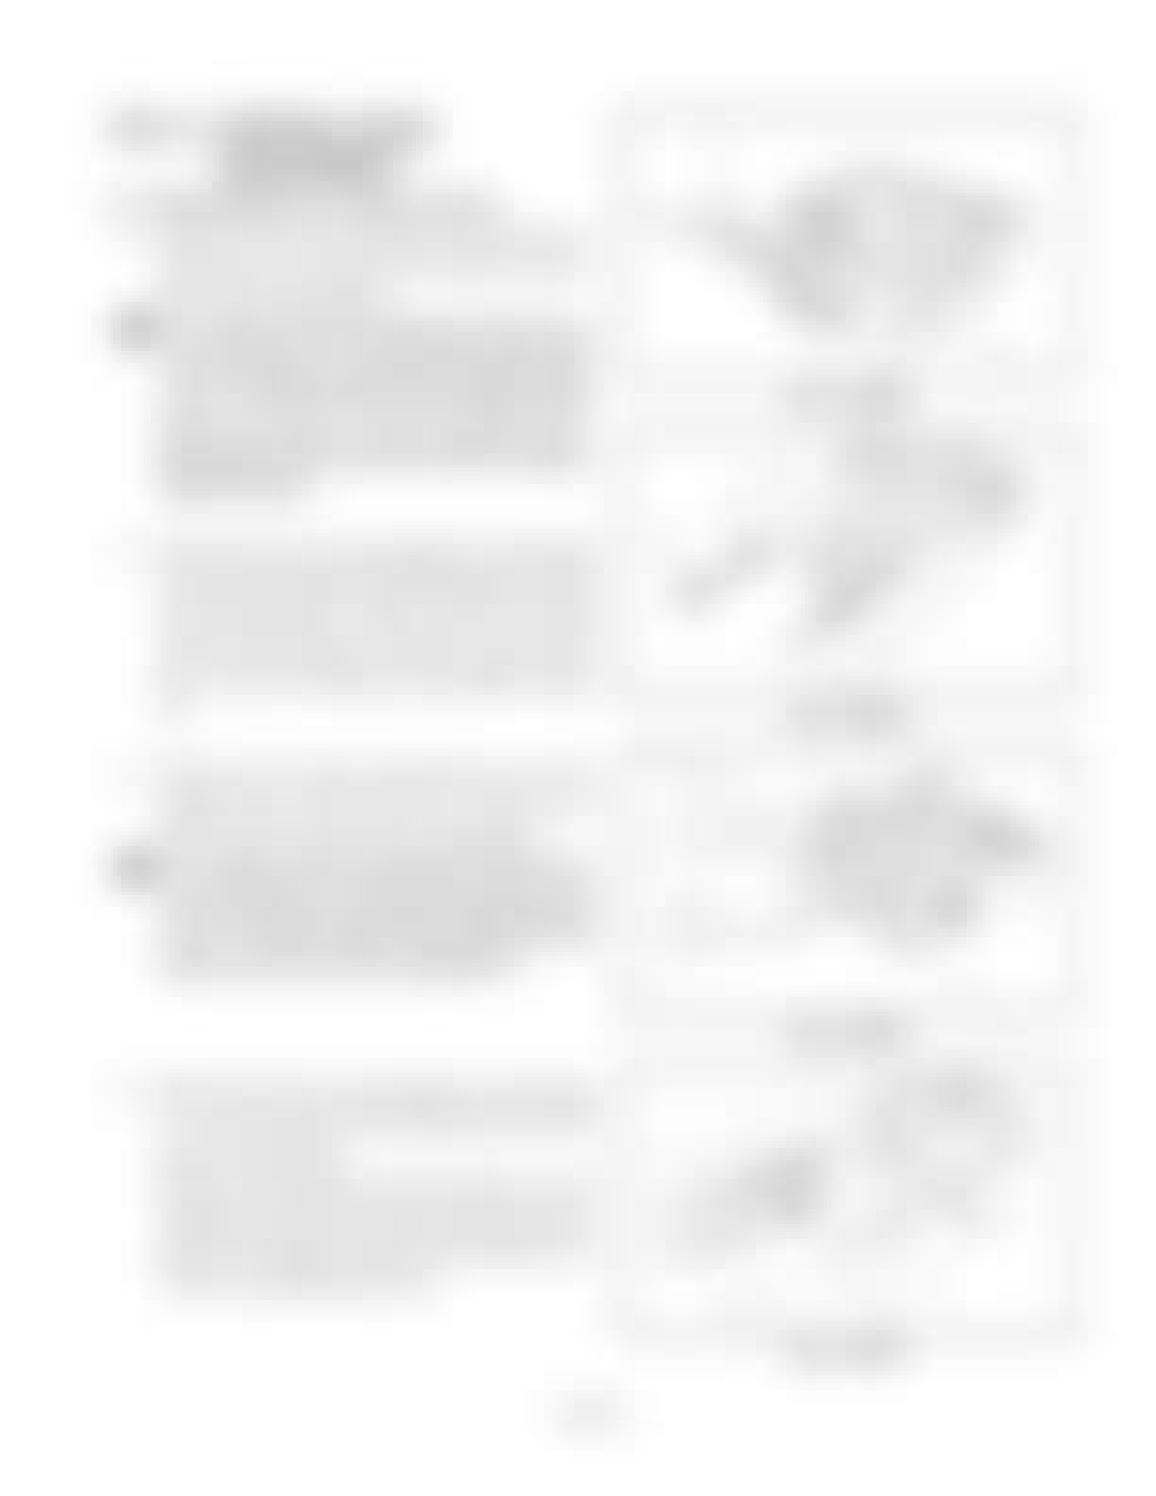 Hitachi LX110-7 LX130-7 LX160-7 LX190-7 LX230-7 Wheel Loader Workshop Manual - PDF DOWNLOAD page 117